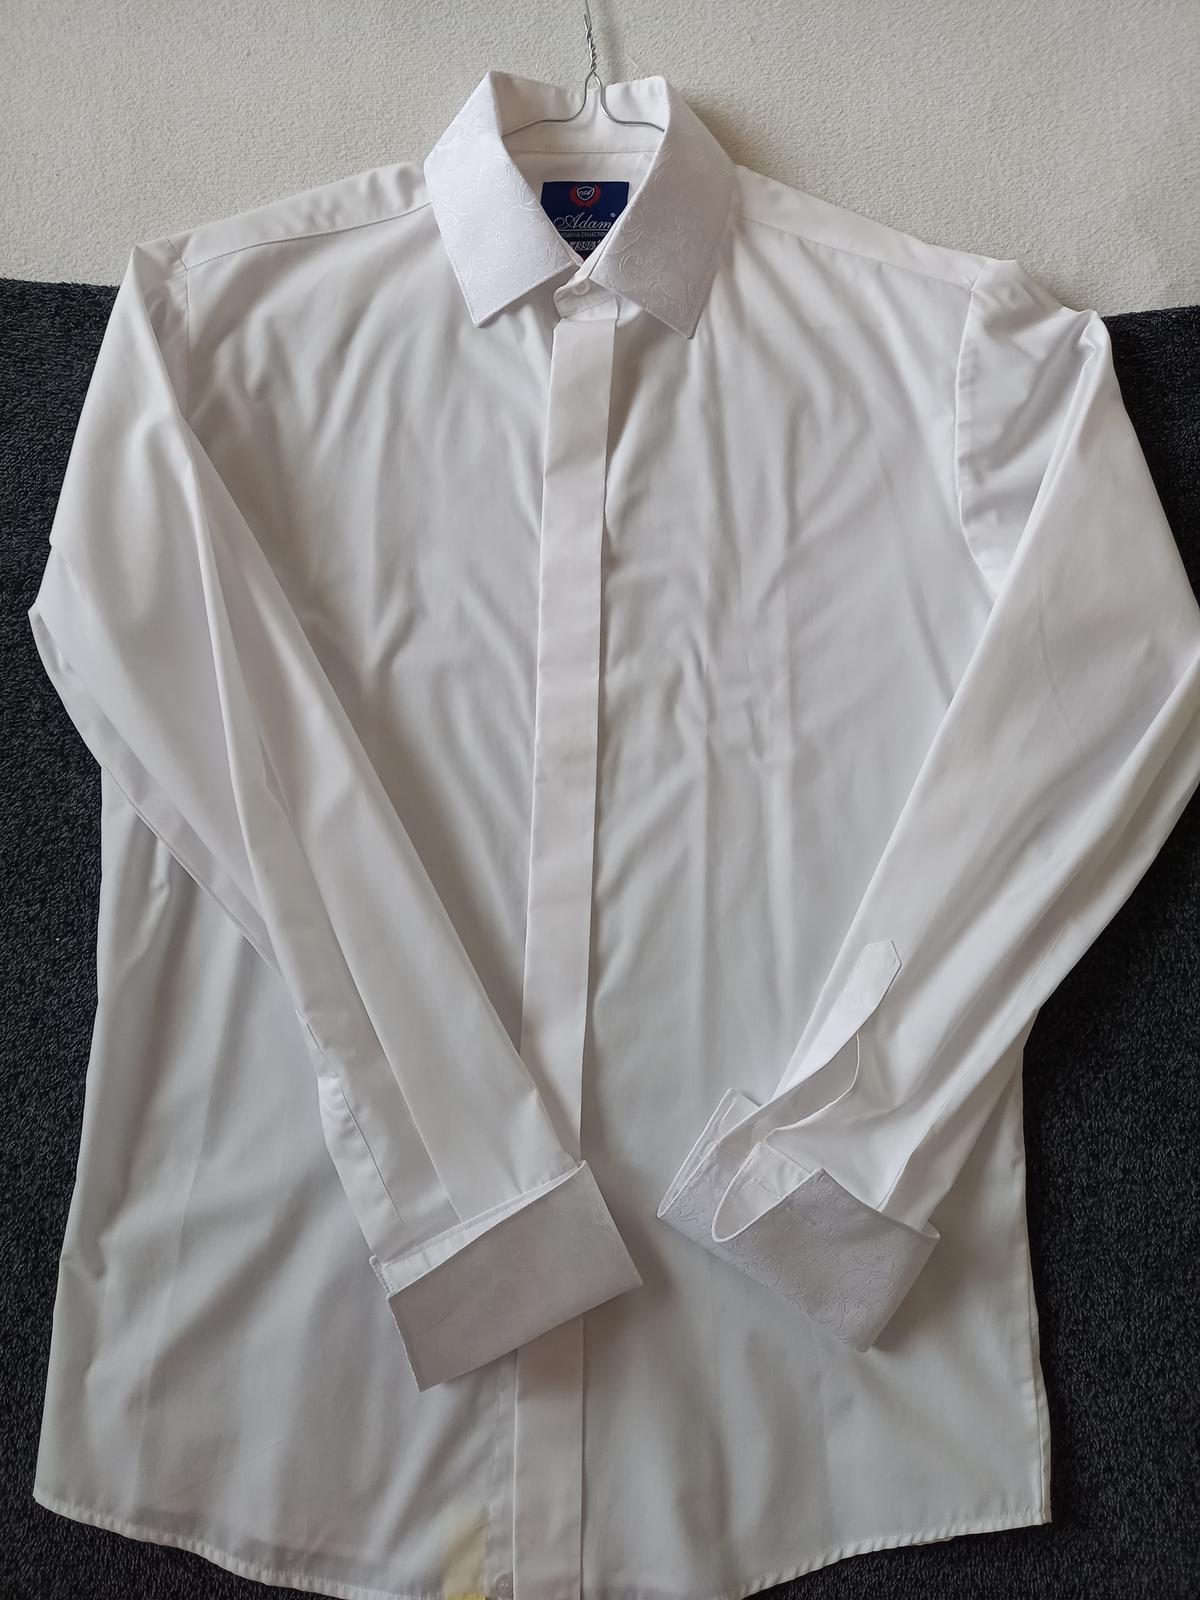 svadobná košeľa, vestička,kravata, vreckova pre ženícha - Obrázok č. 3